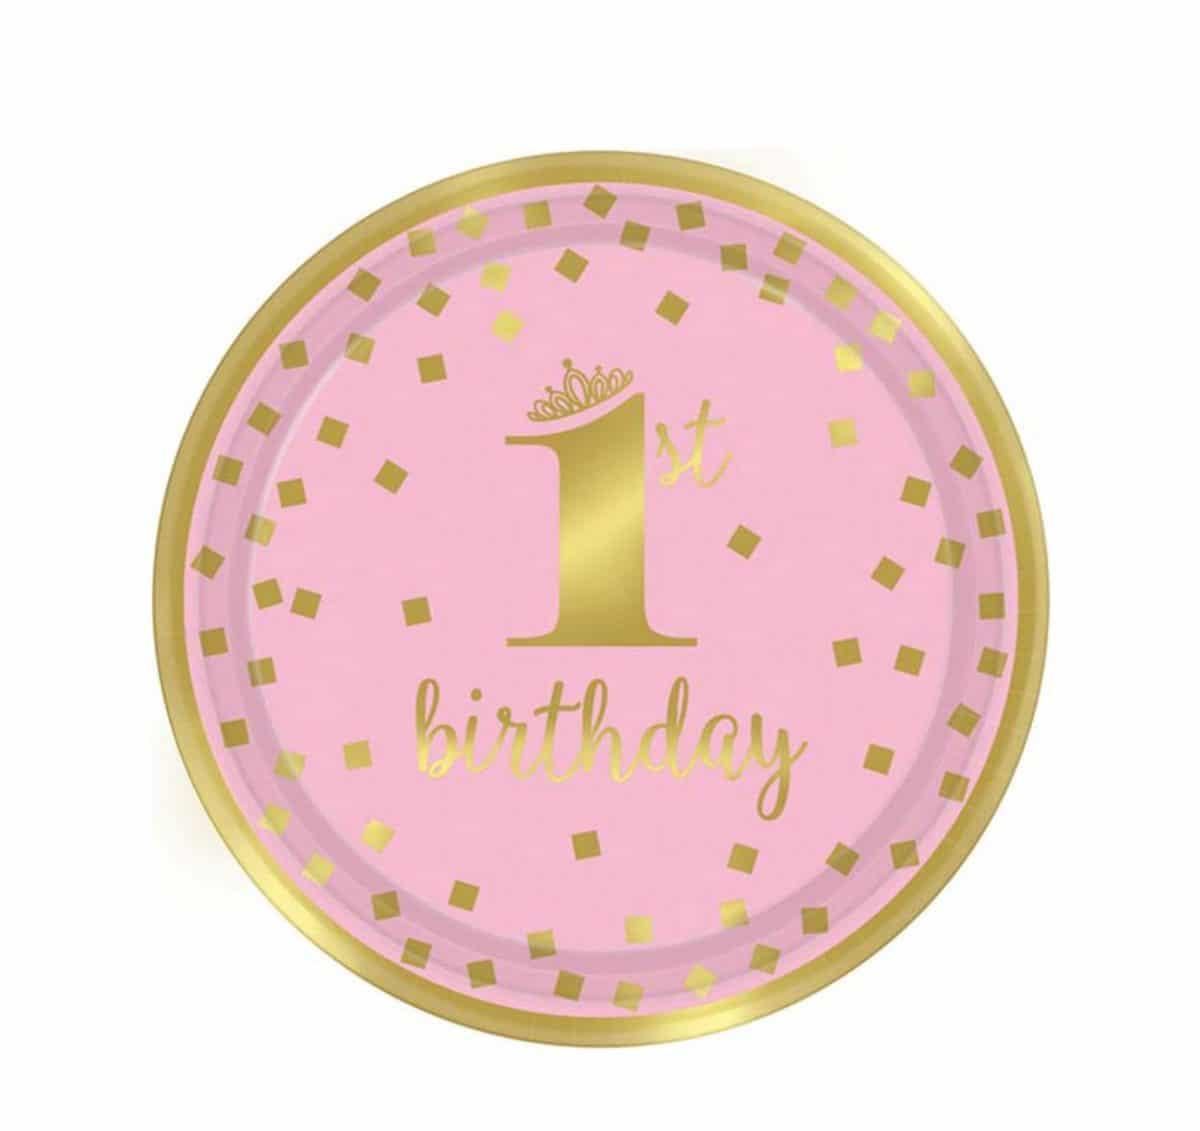 """Πιάτα πάρτυ μικρά""""1st Birthday"""" ροζ & χρυσό (8 τεμ)"""